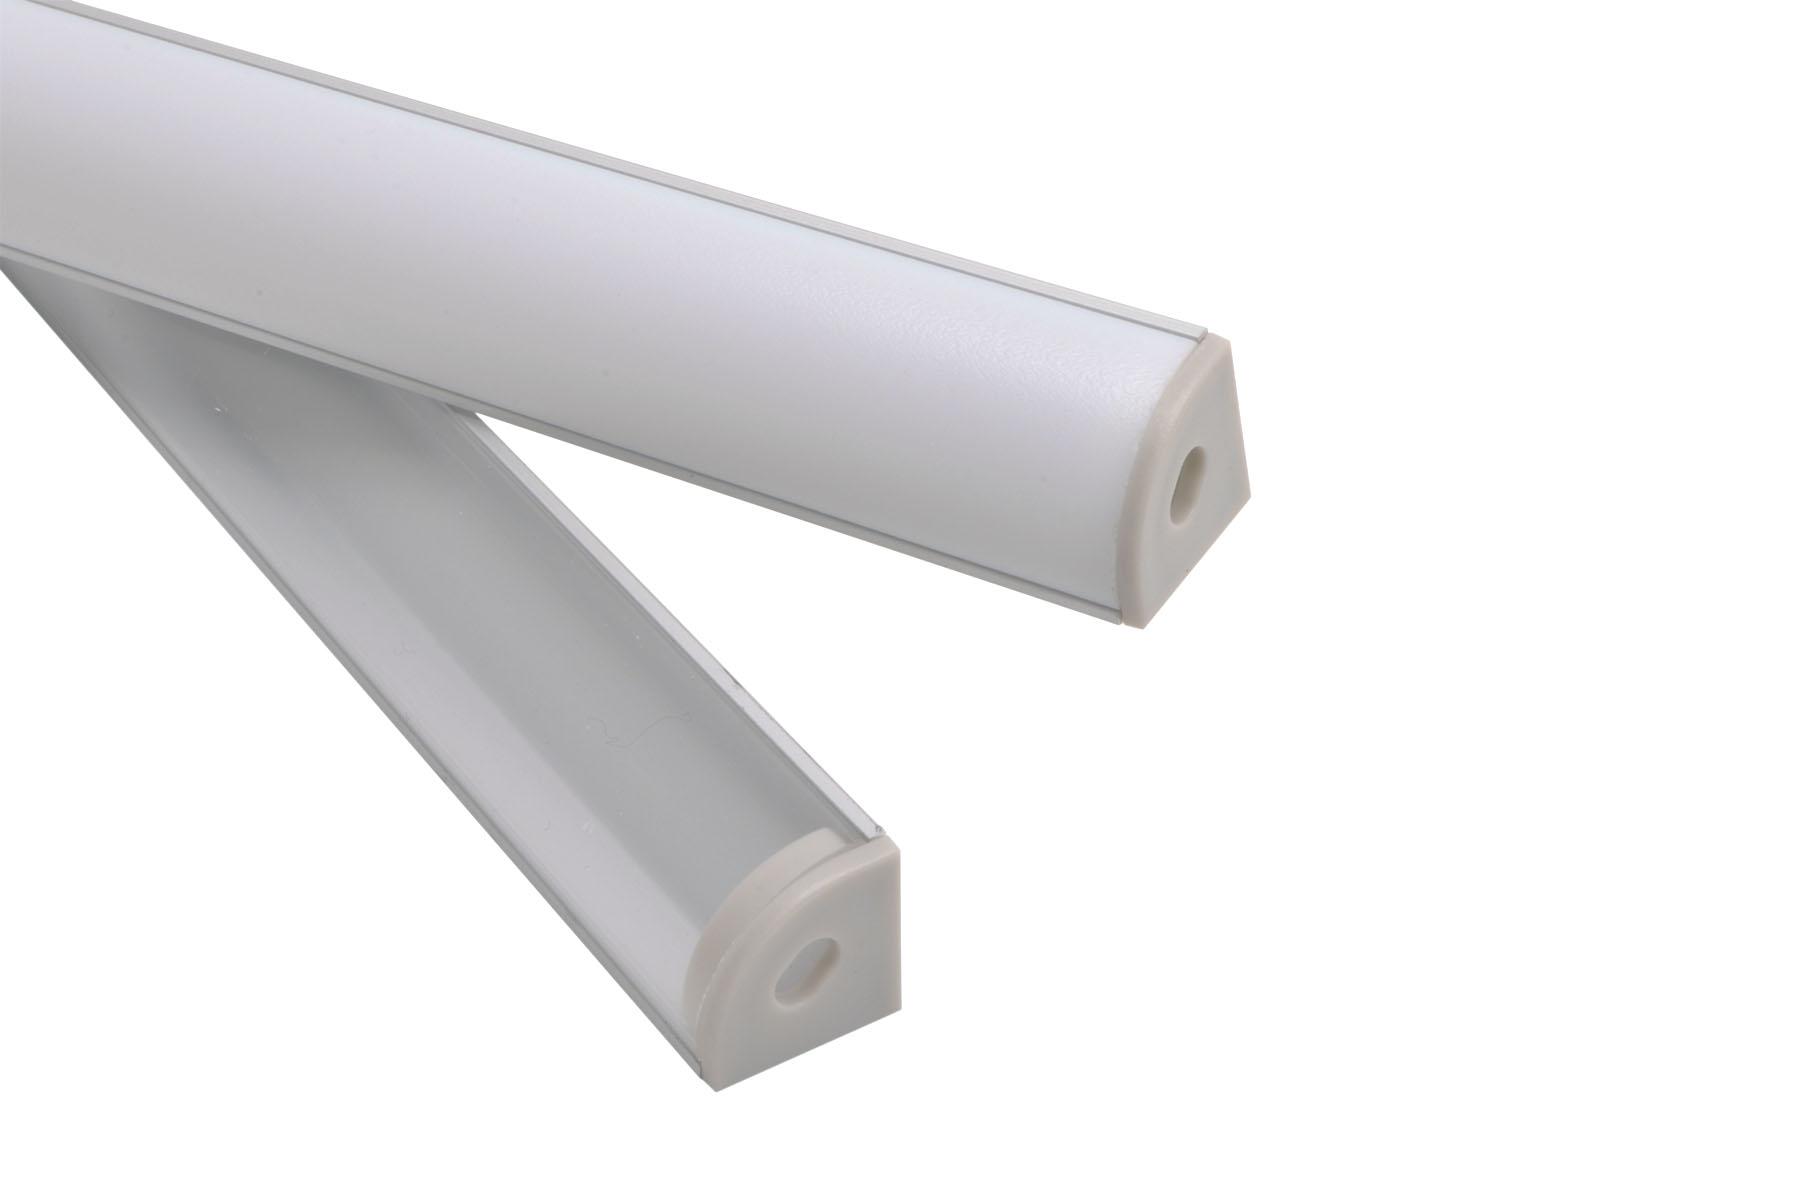 Led Under Cabinet Light Corner Mount LED Strip Fixture | Heraco Lights